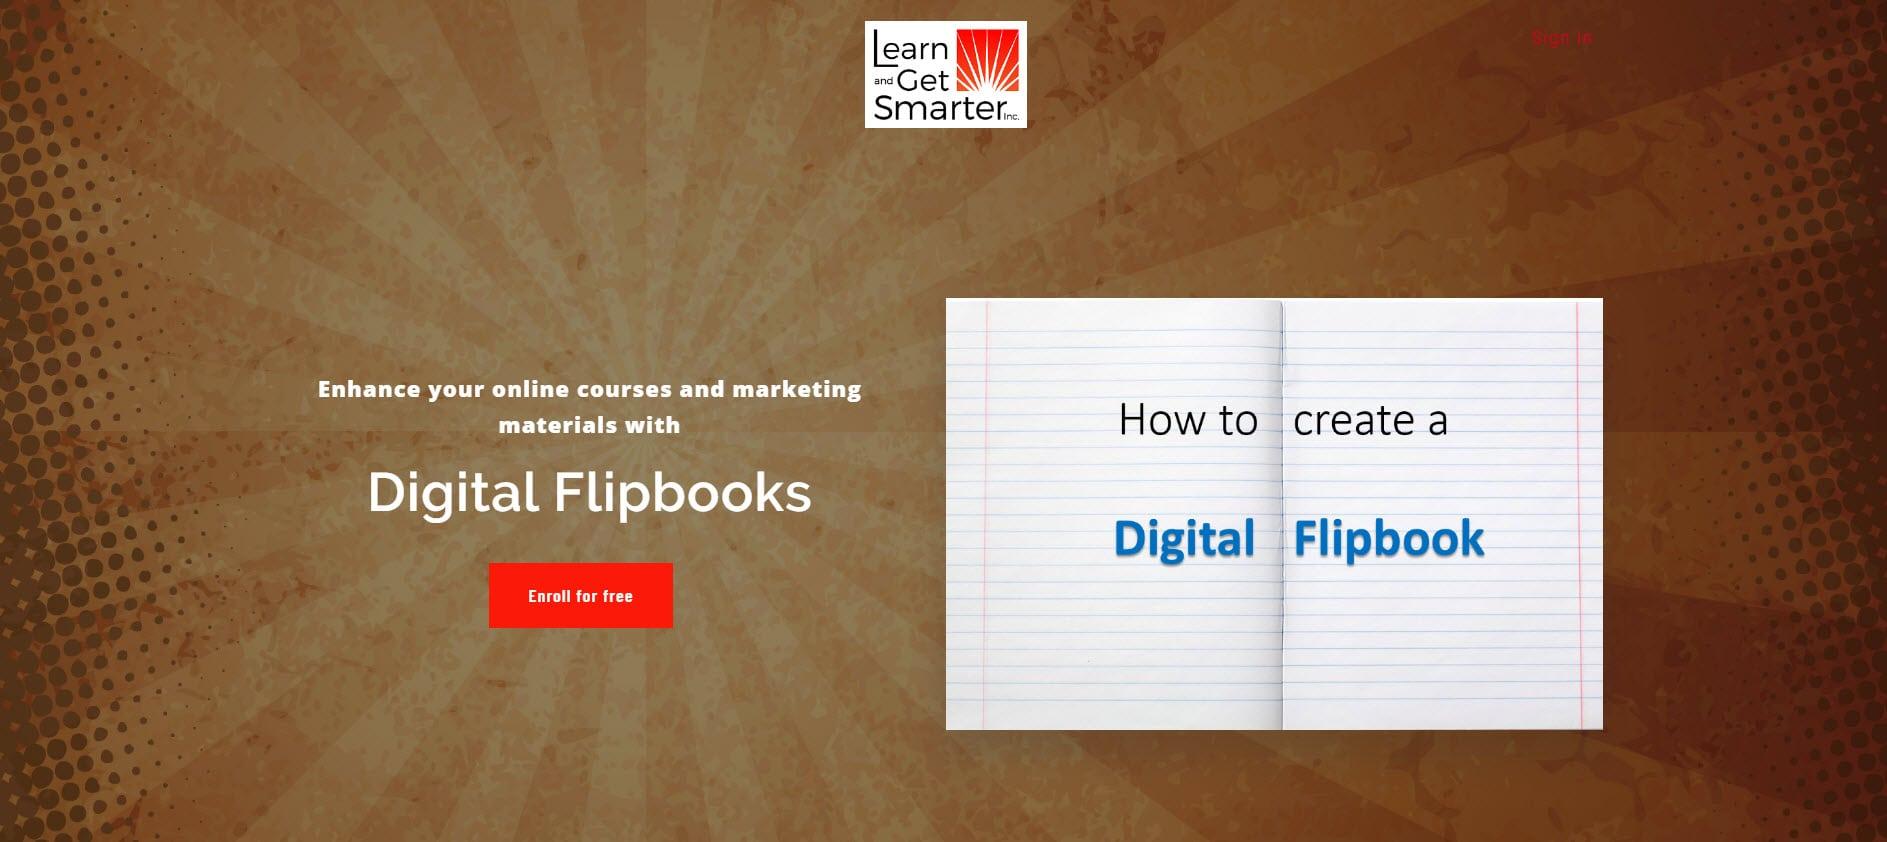 digital flipbook course screenshot